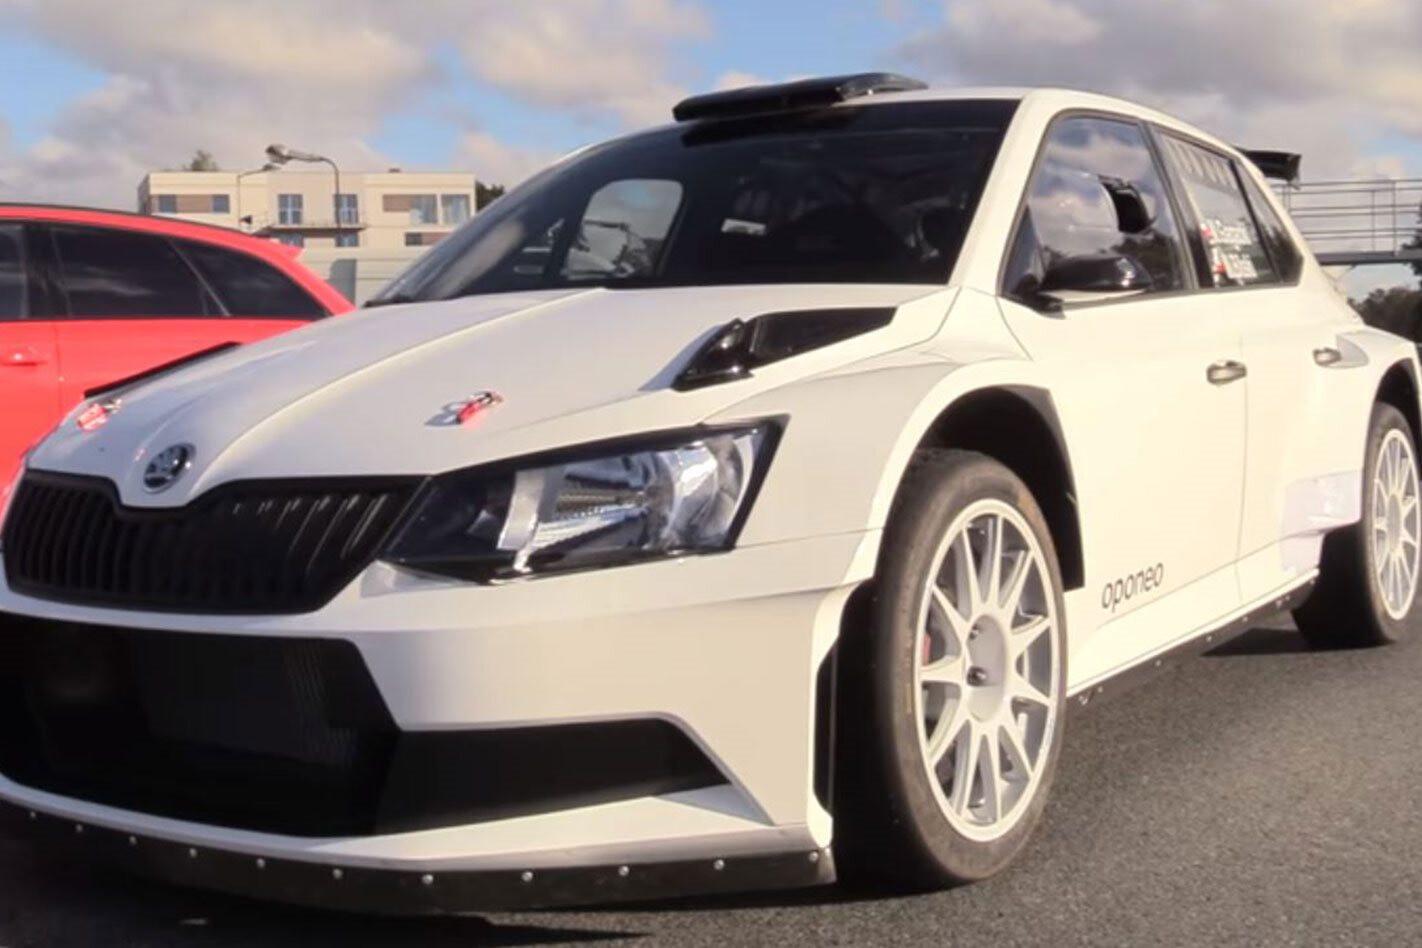 Audi RS6 vs Skoda Fabia R5